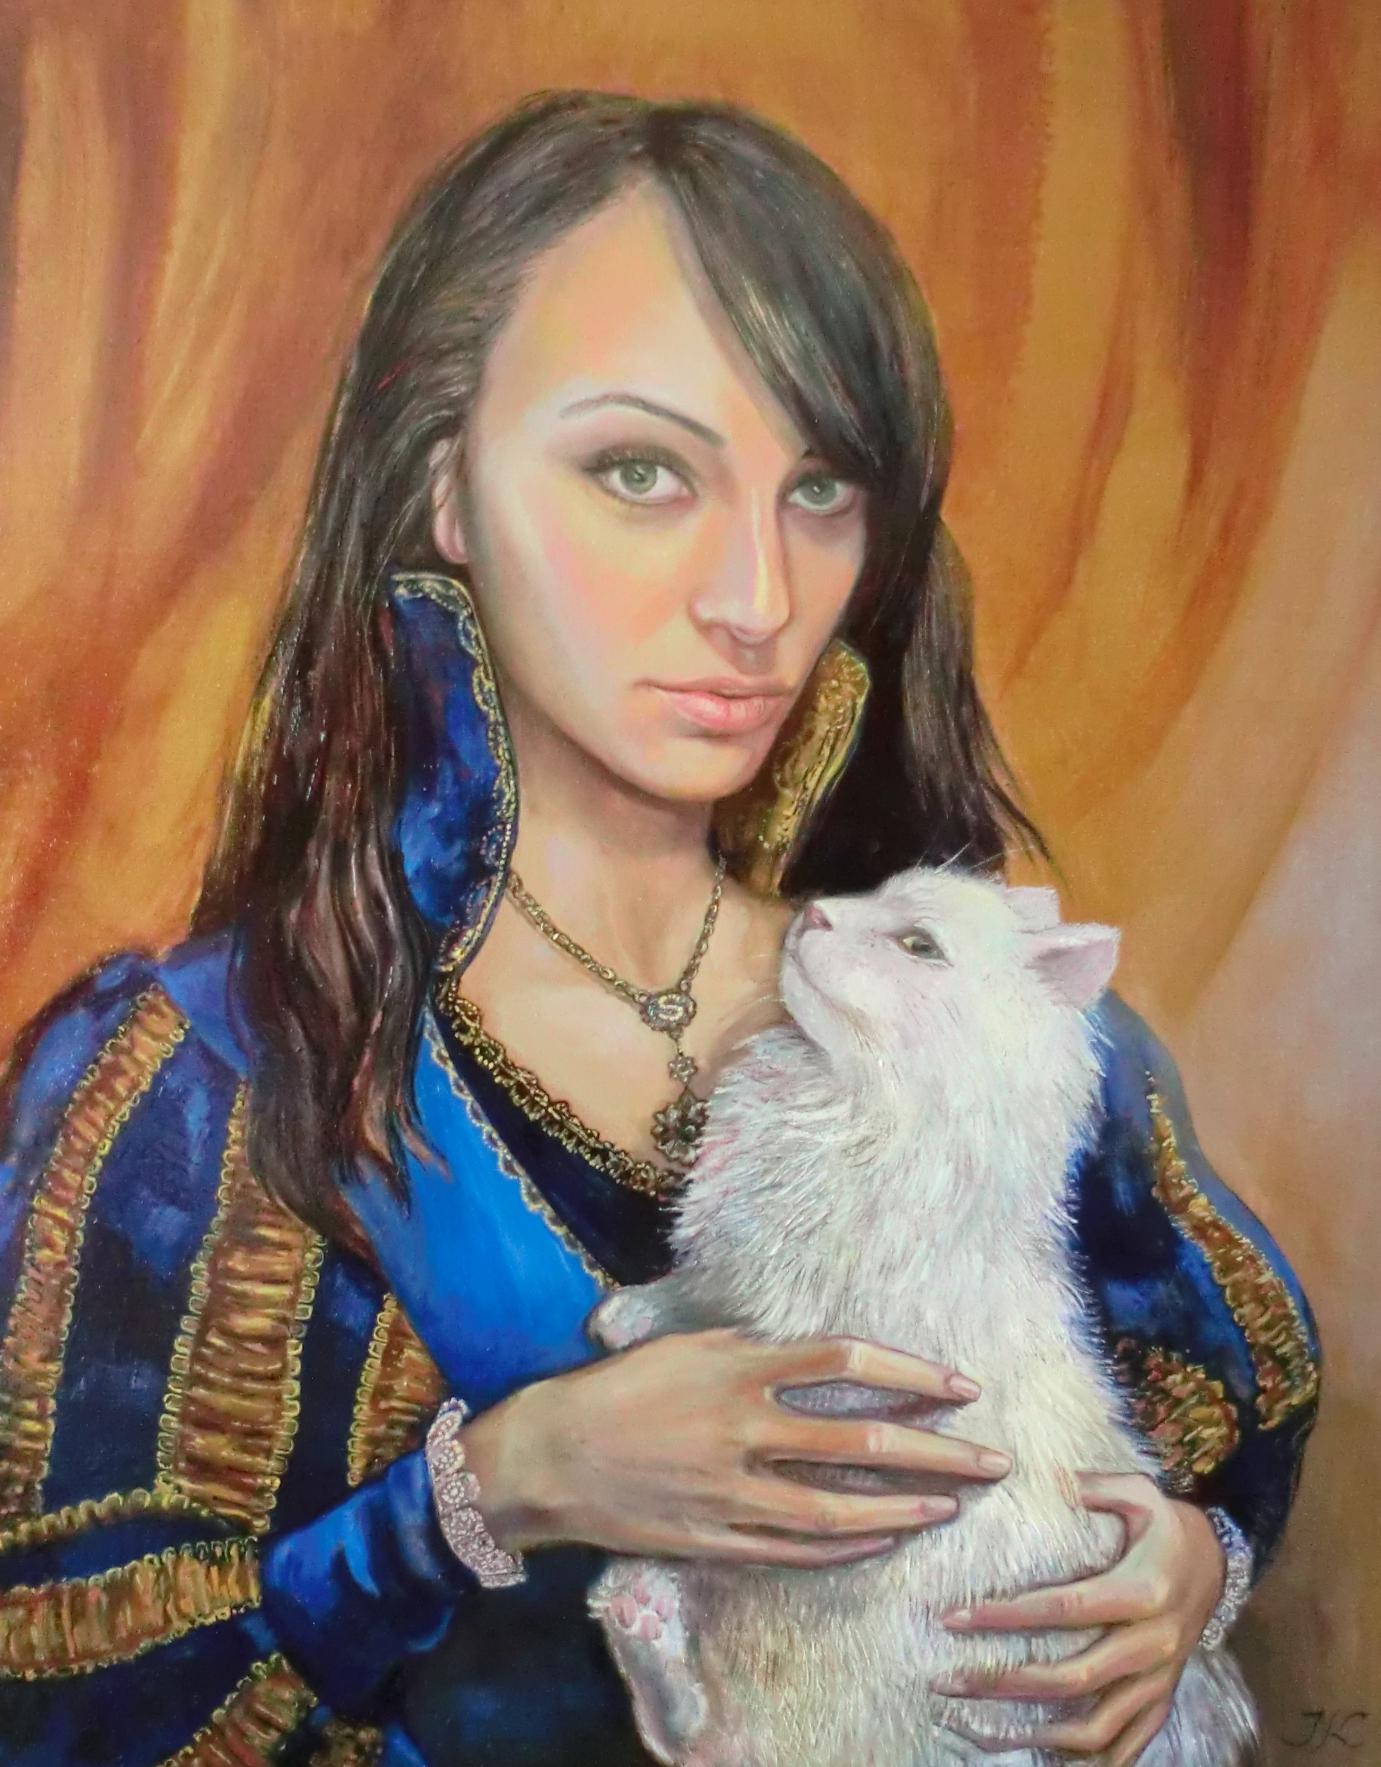 Meitene ar kaķi